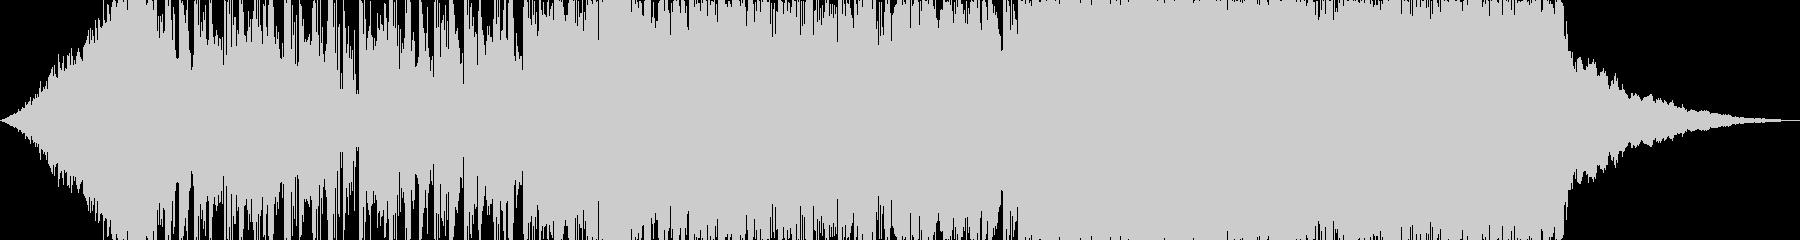 15秒のドラムンベース風ジングルの未再生の波形